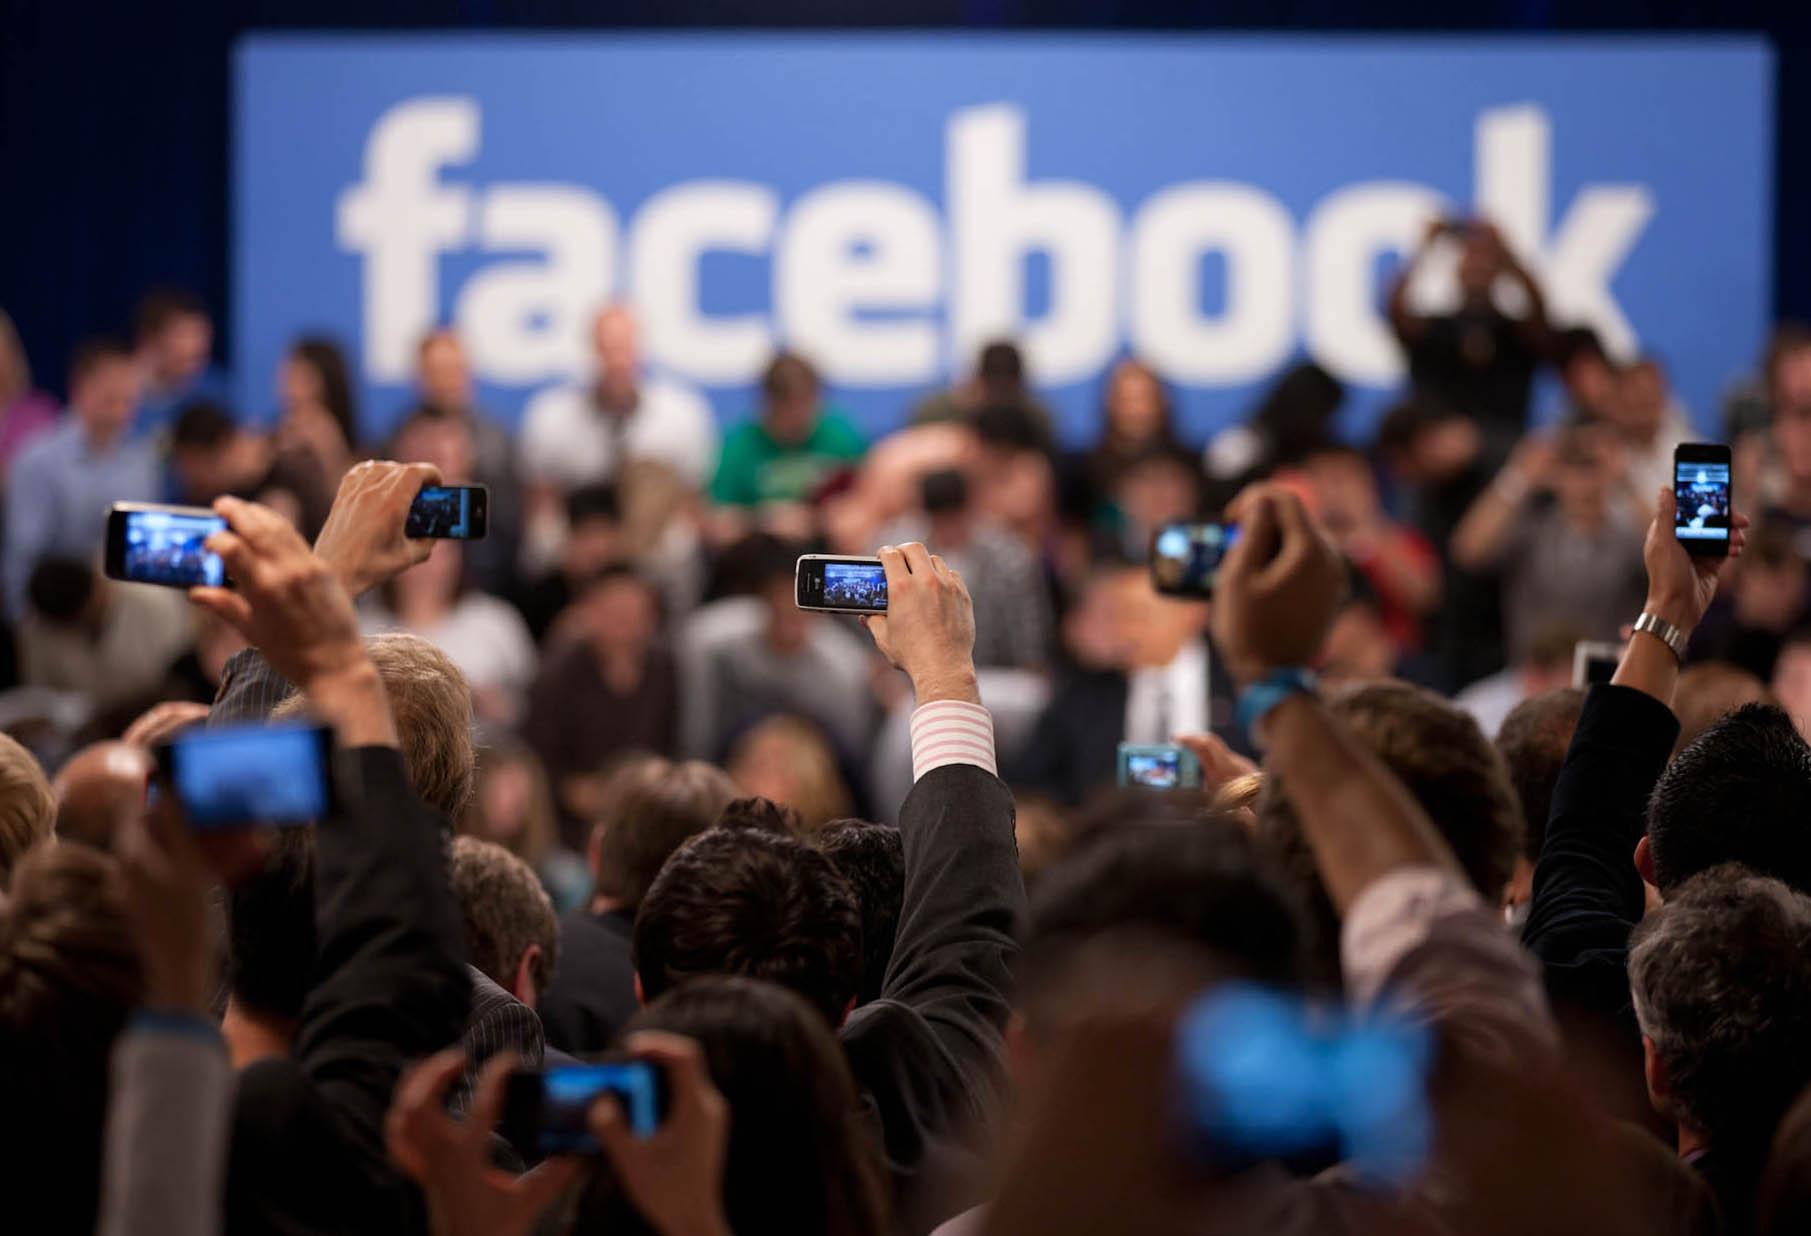 Les sorpreses de Facebook per al 2018